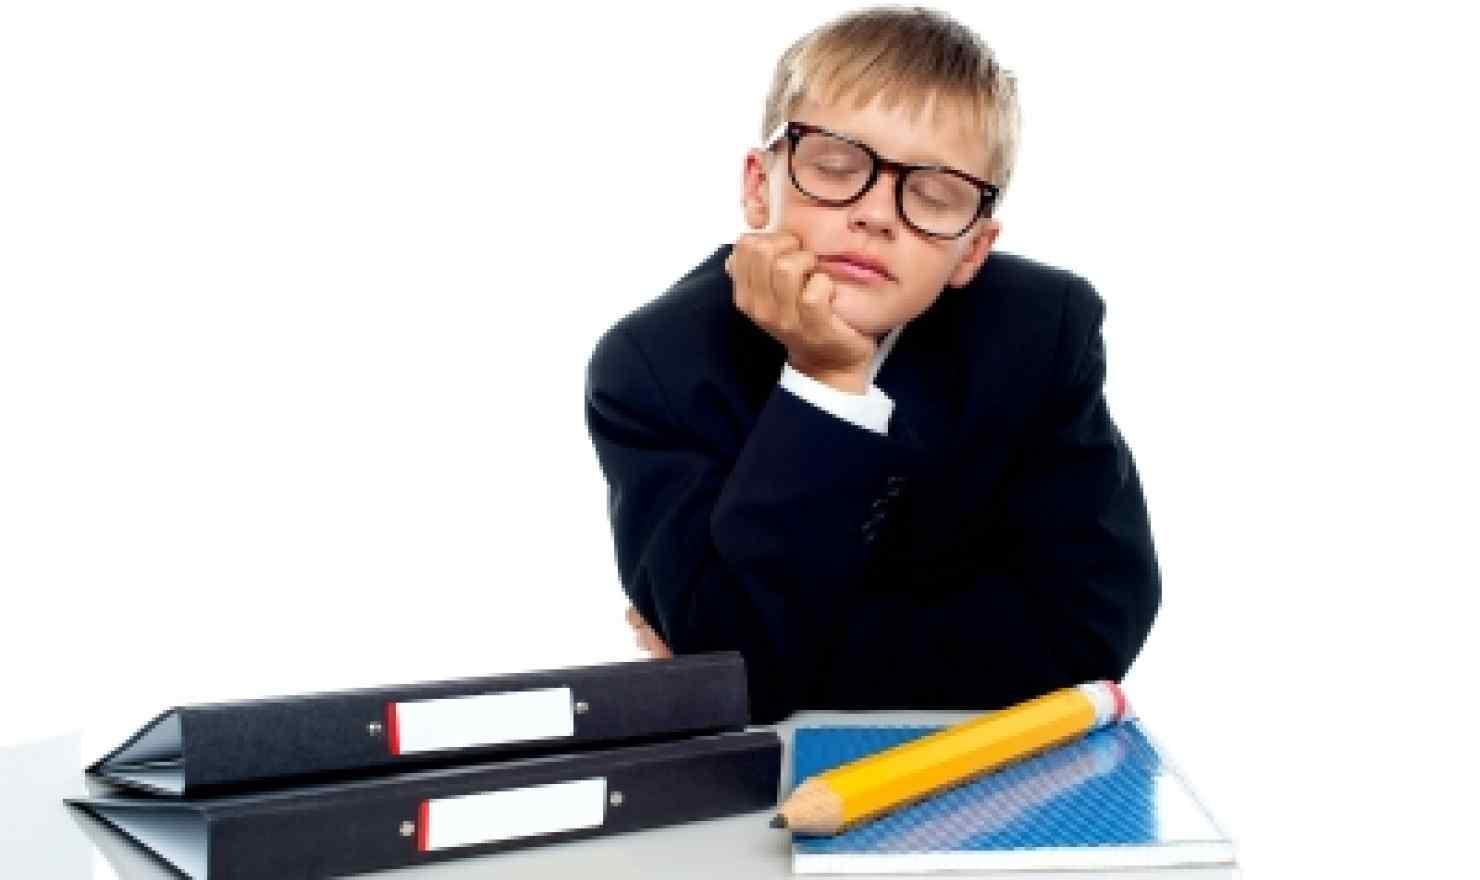 New Research Into Child Myopia